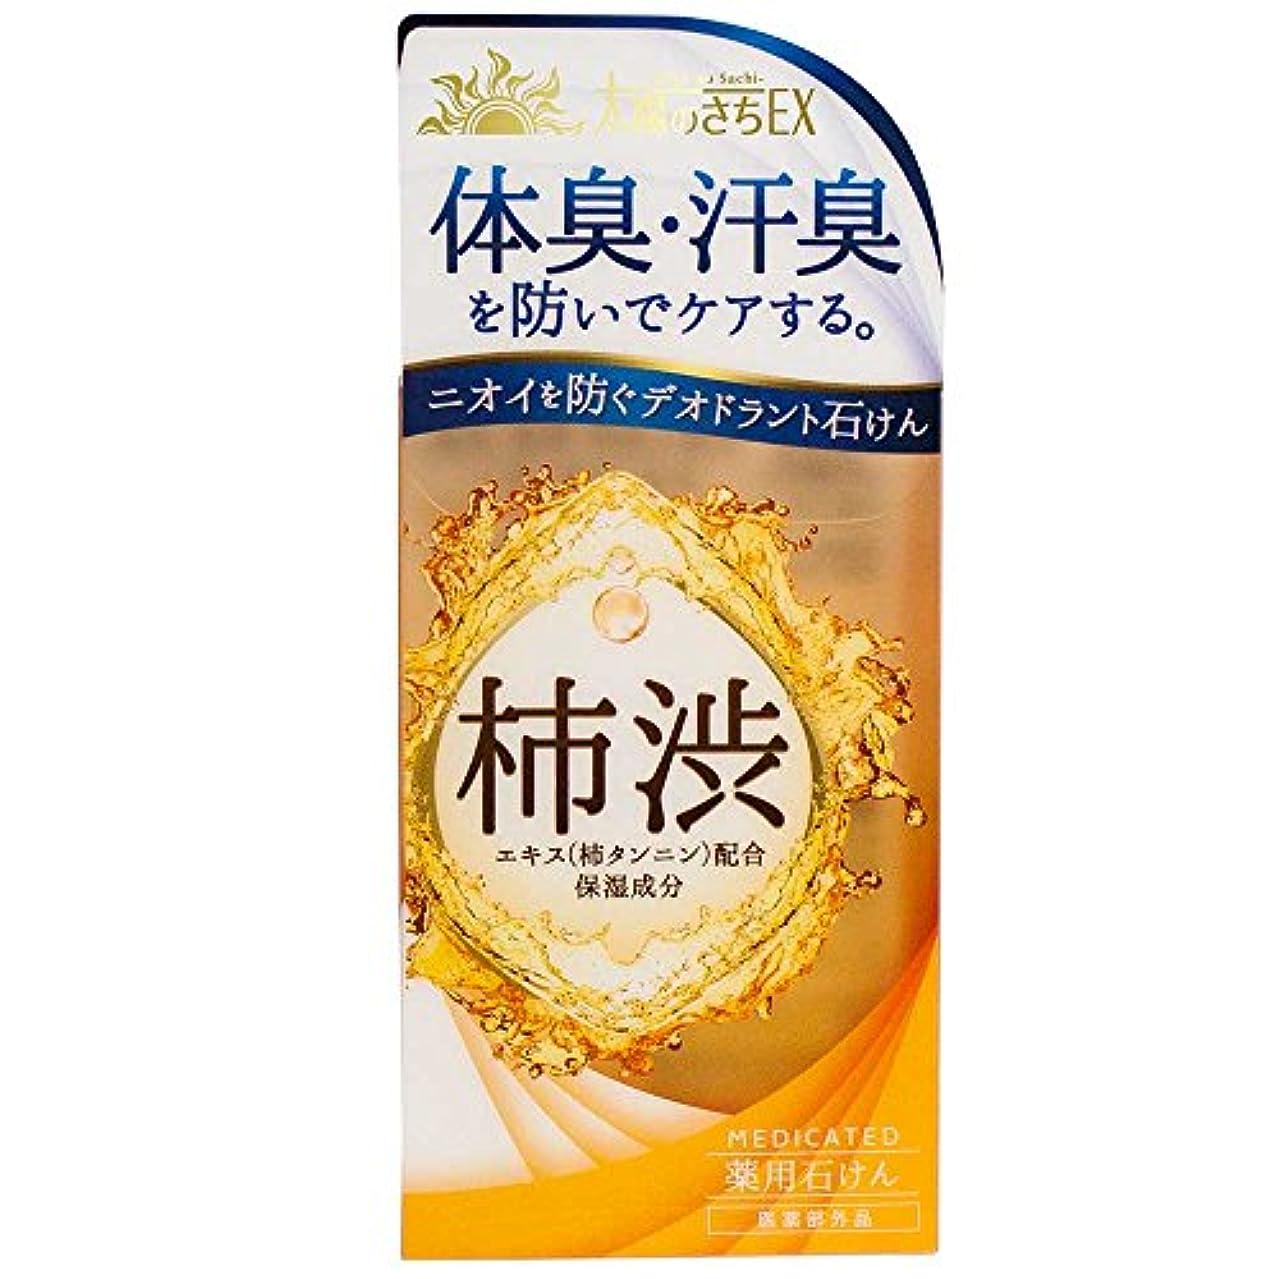 アレルギー性第九完全に乾く薬用太陽のさちEX 柿渋石けん 120g